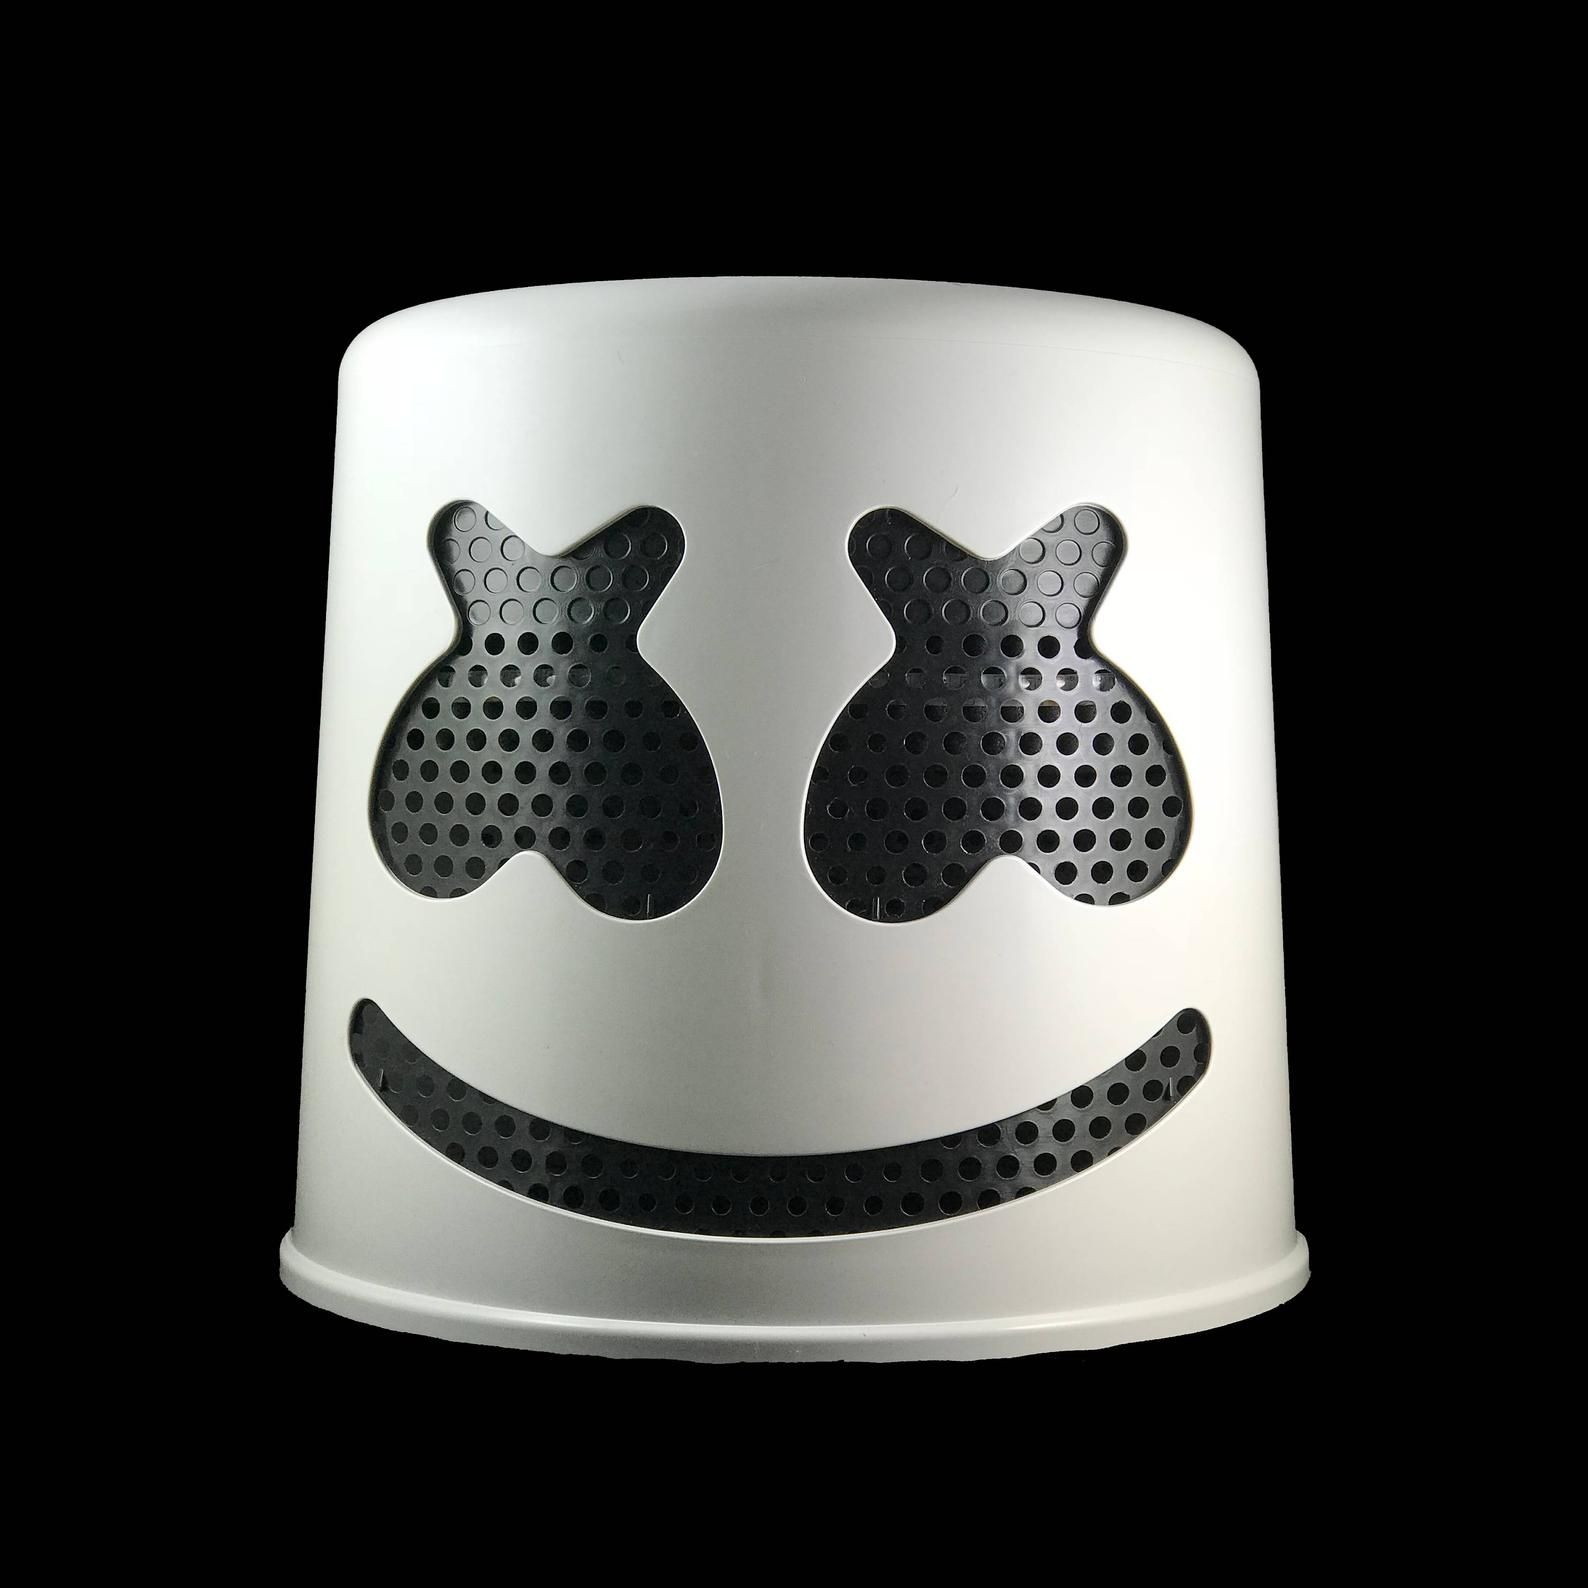 Marshmello Helmet (White Helmet with Black Mask) in 2020